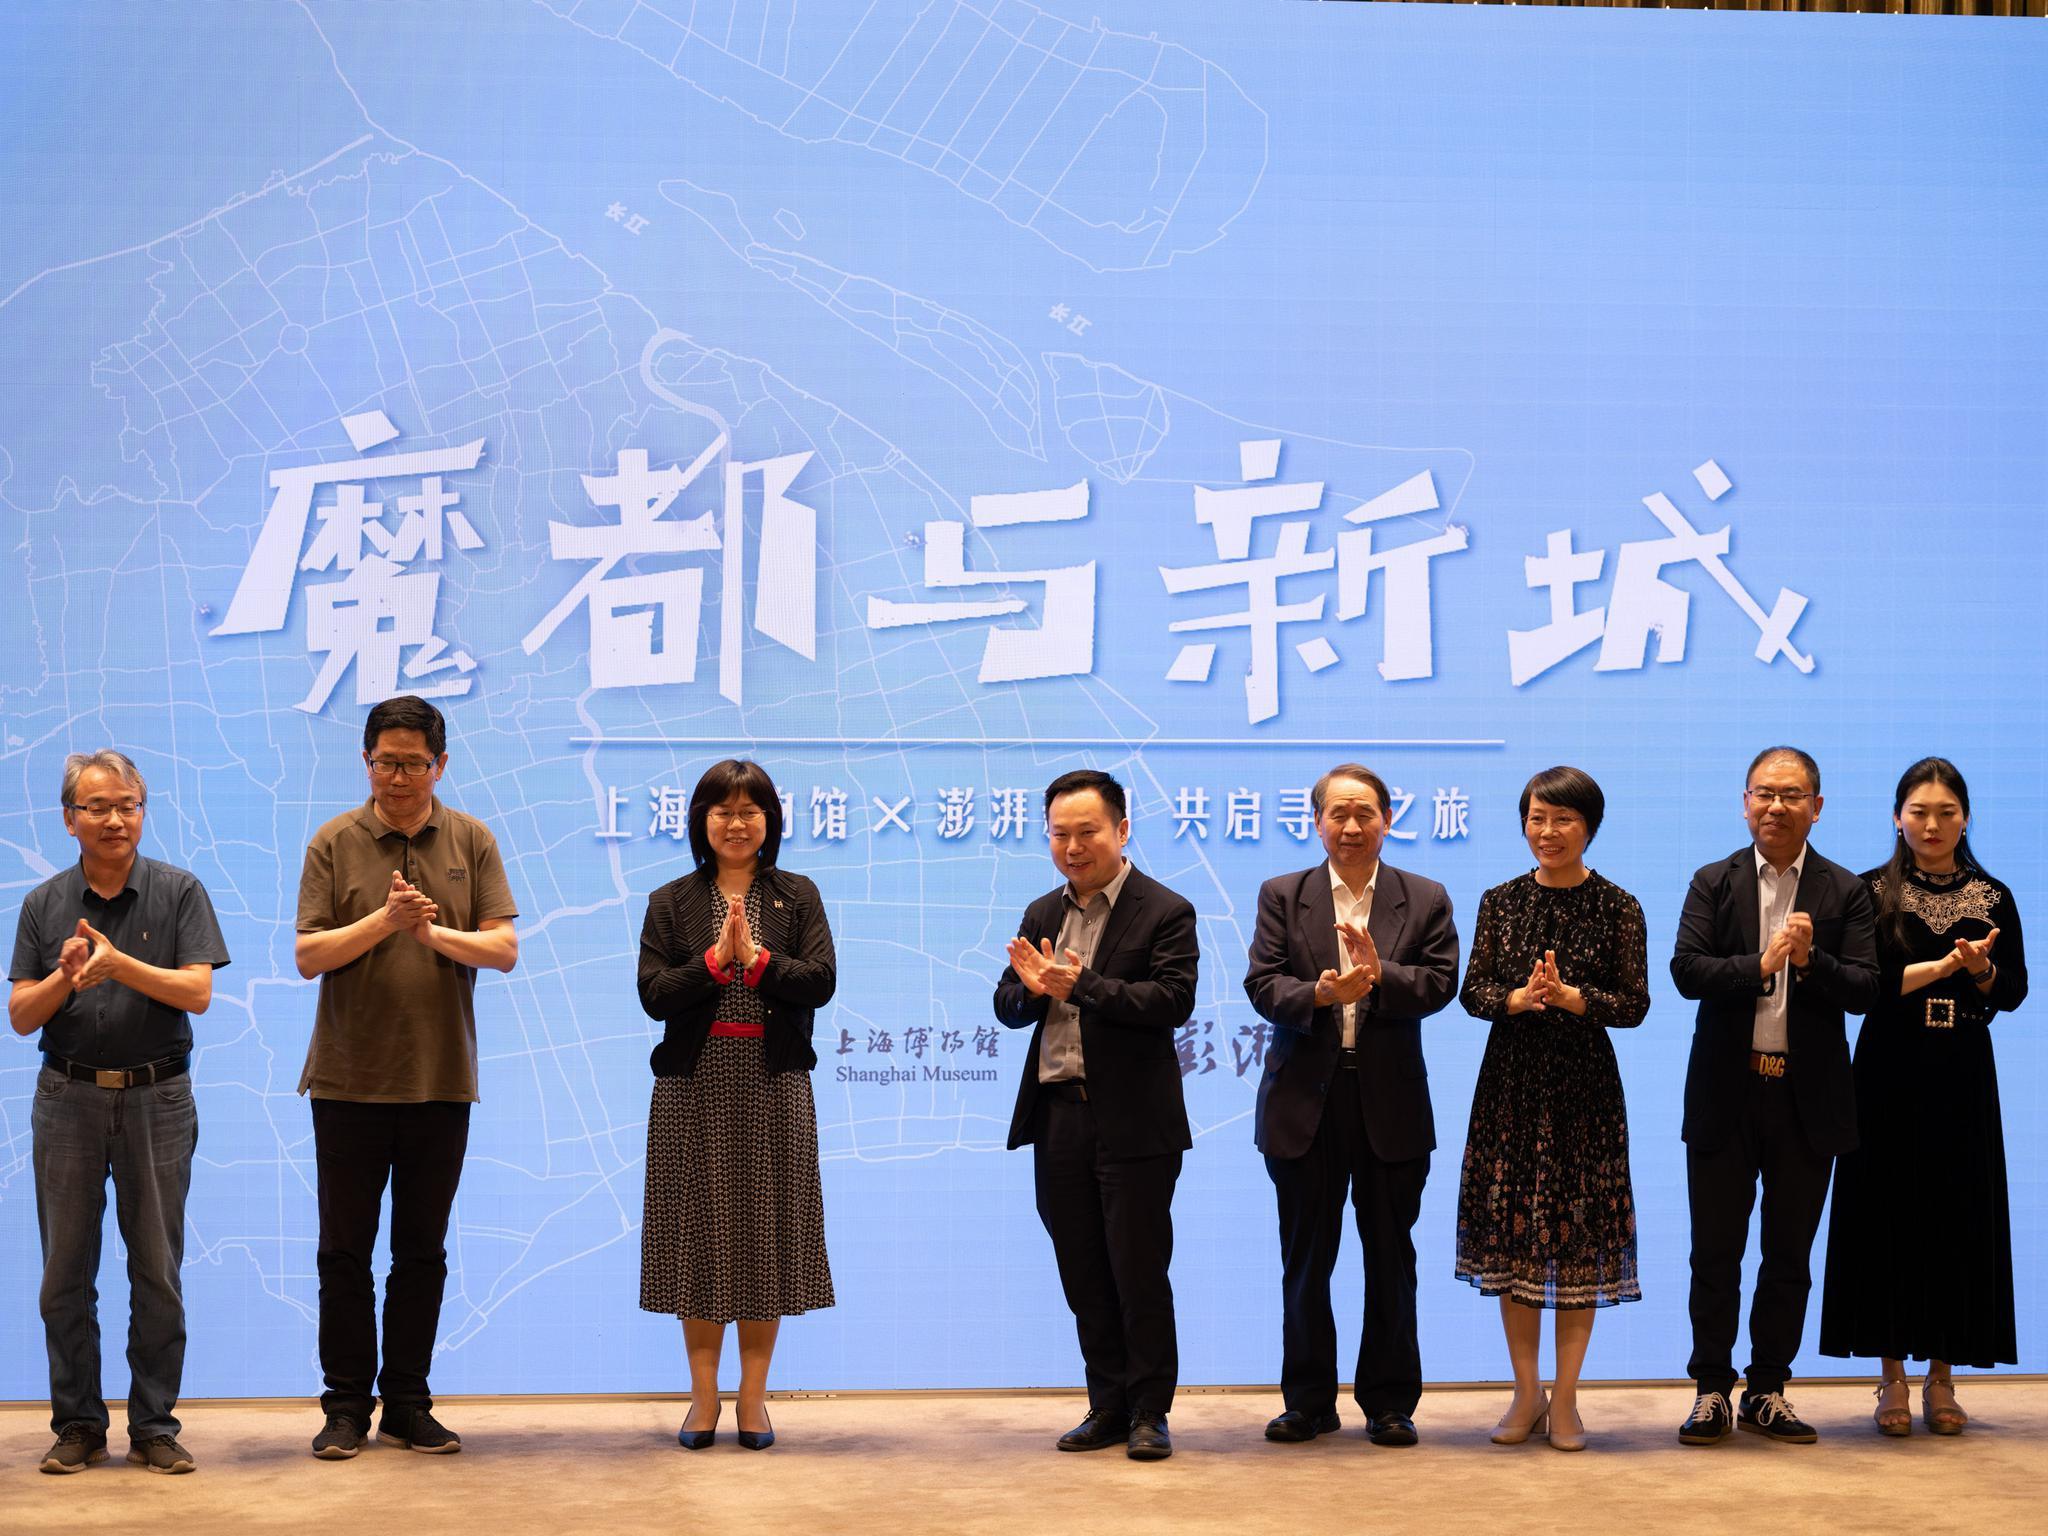 魔都与新城 上海博物馆与澎湃新闻共启上海寻根之旅